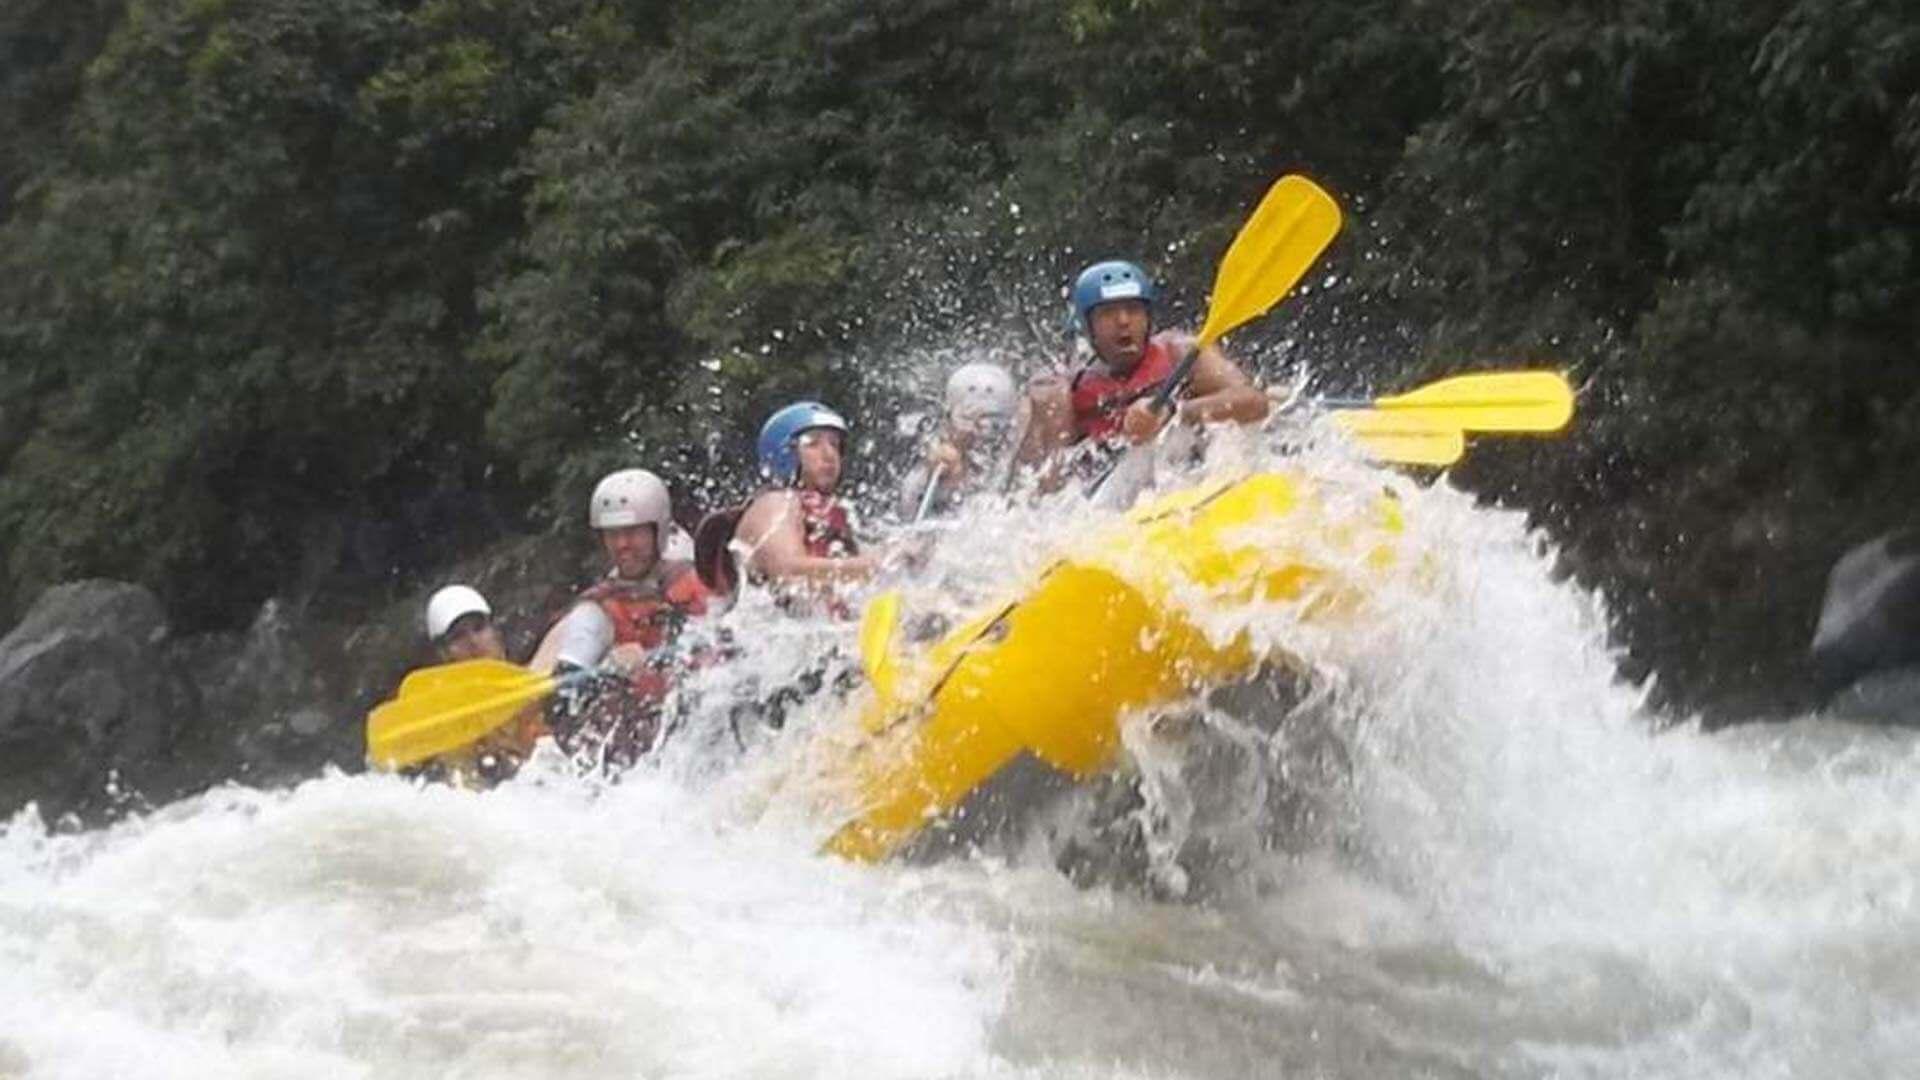 ecuador rafting tour quijos river in rainforest rapids